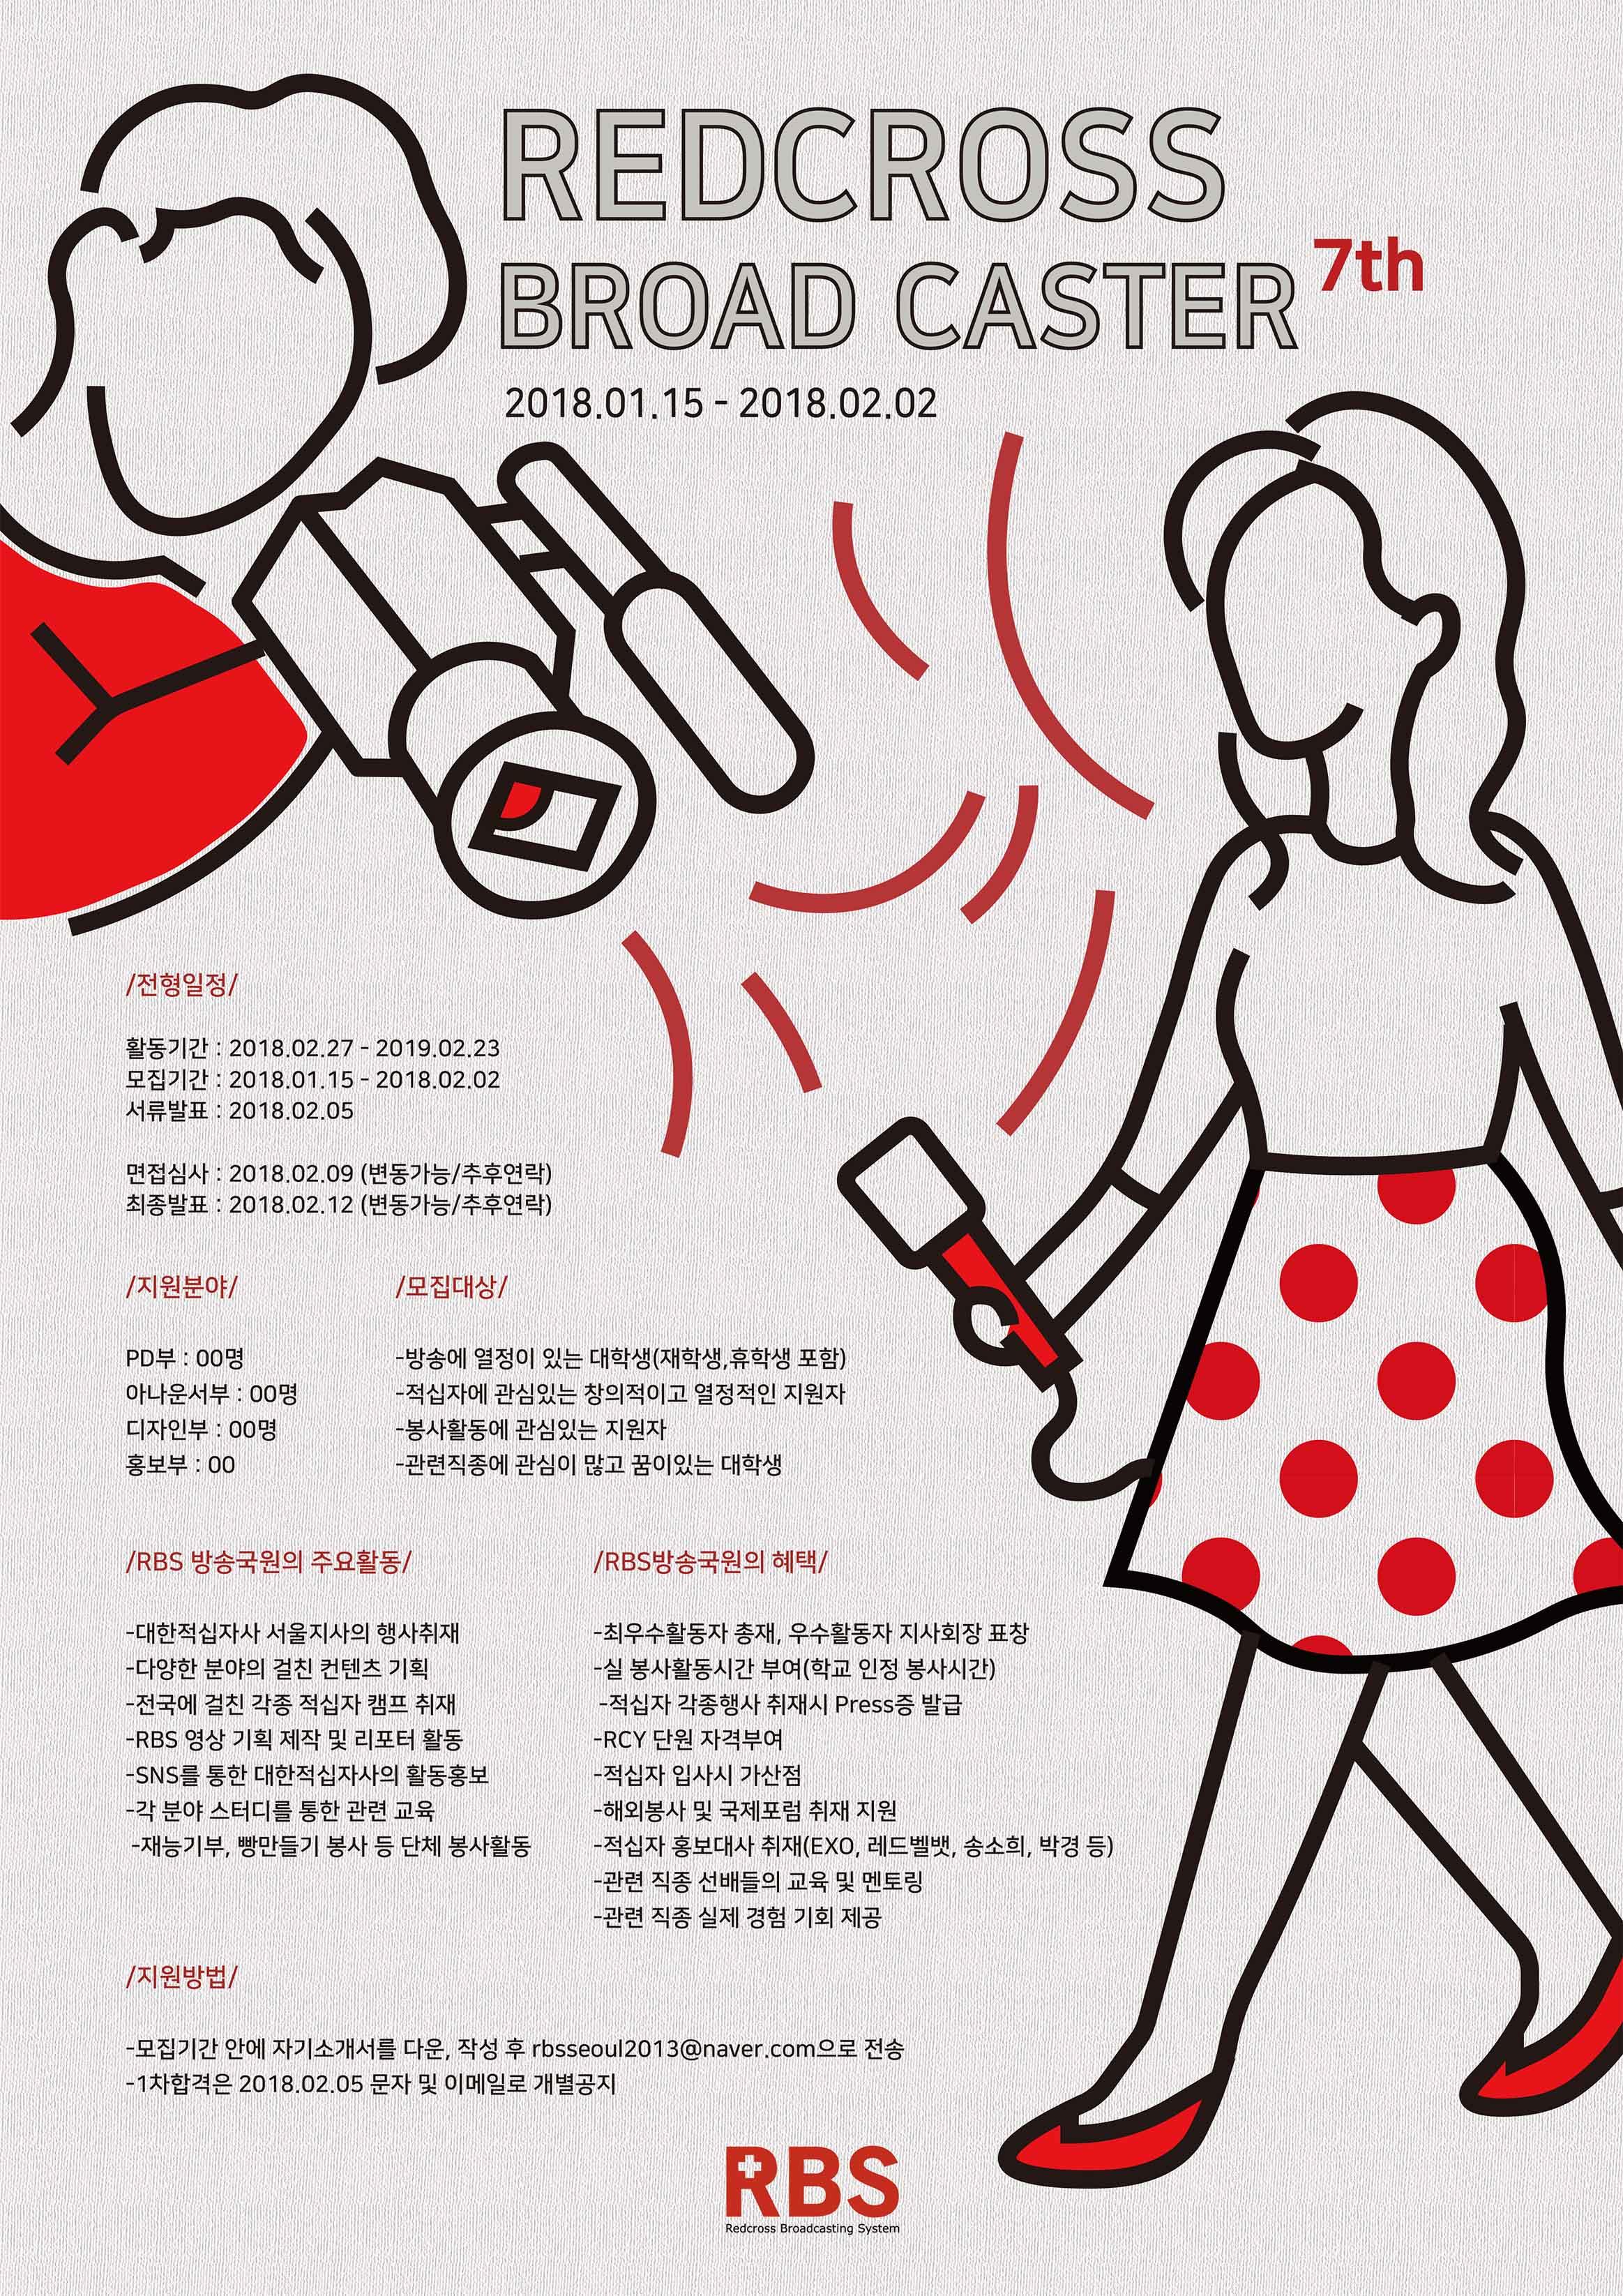 대한적십자사 서울특별지사 대학생방송국 RBS에서 7기 국원을 모집합니다.